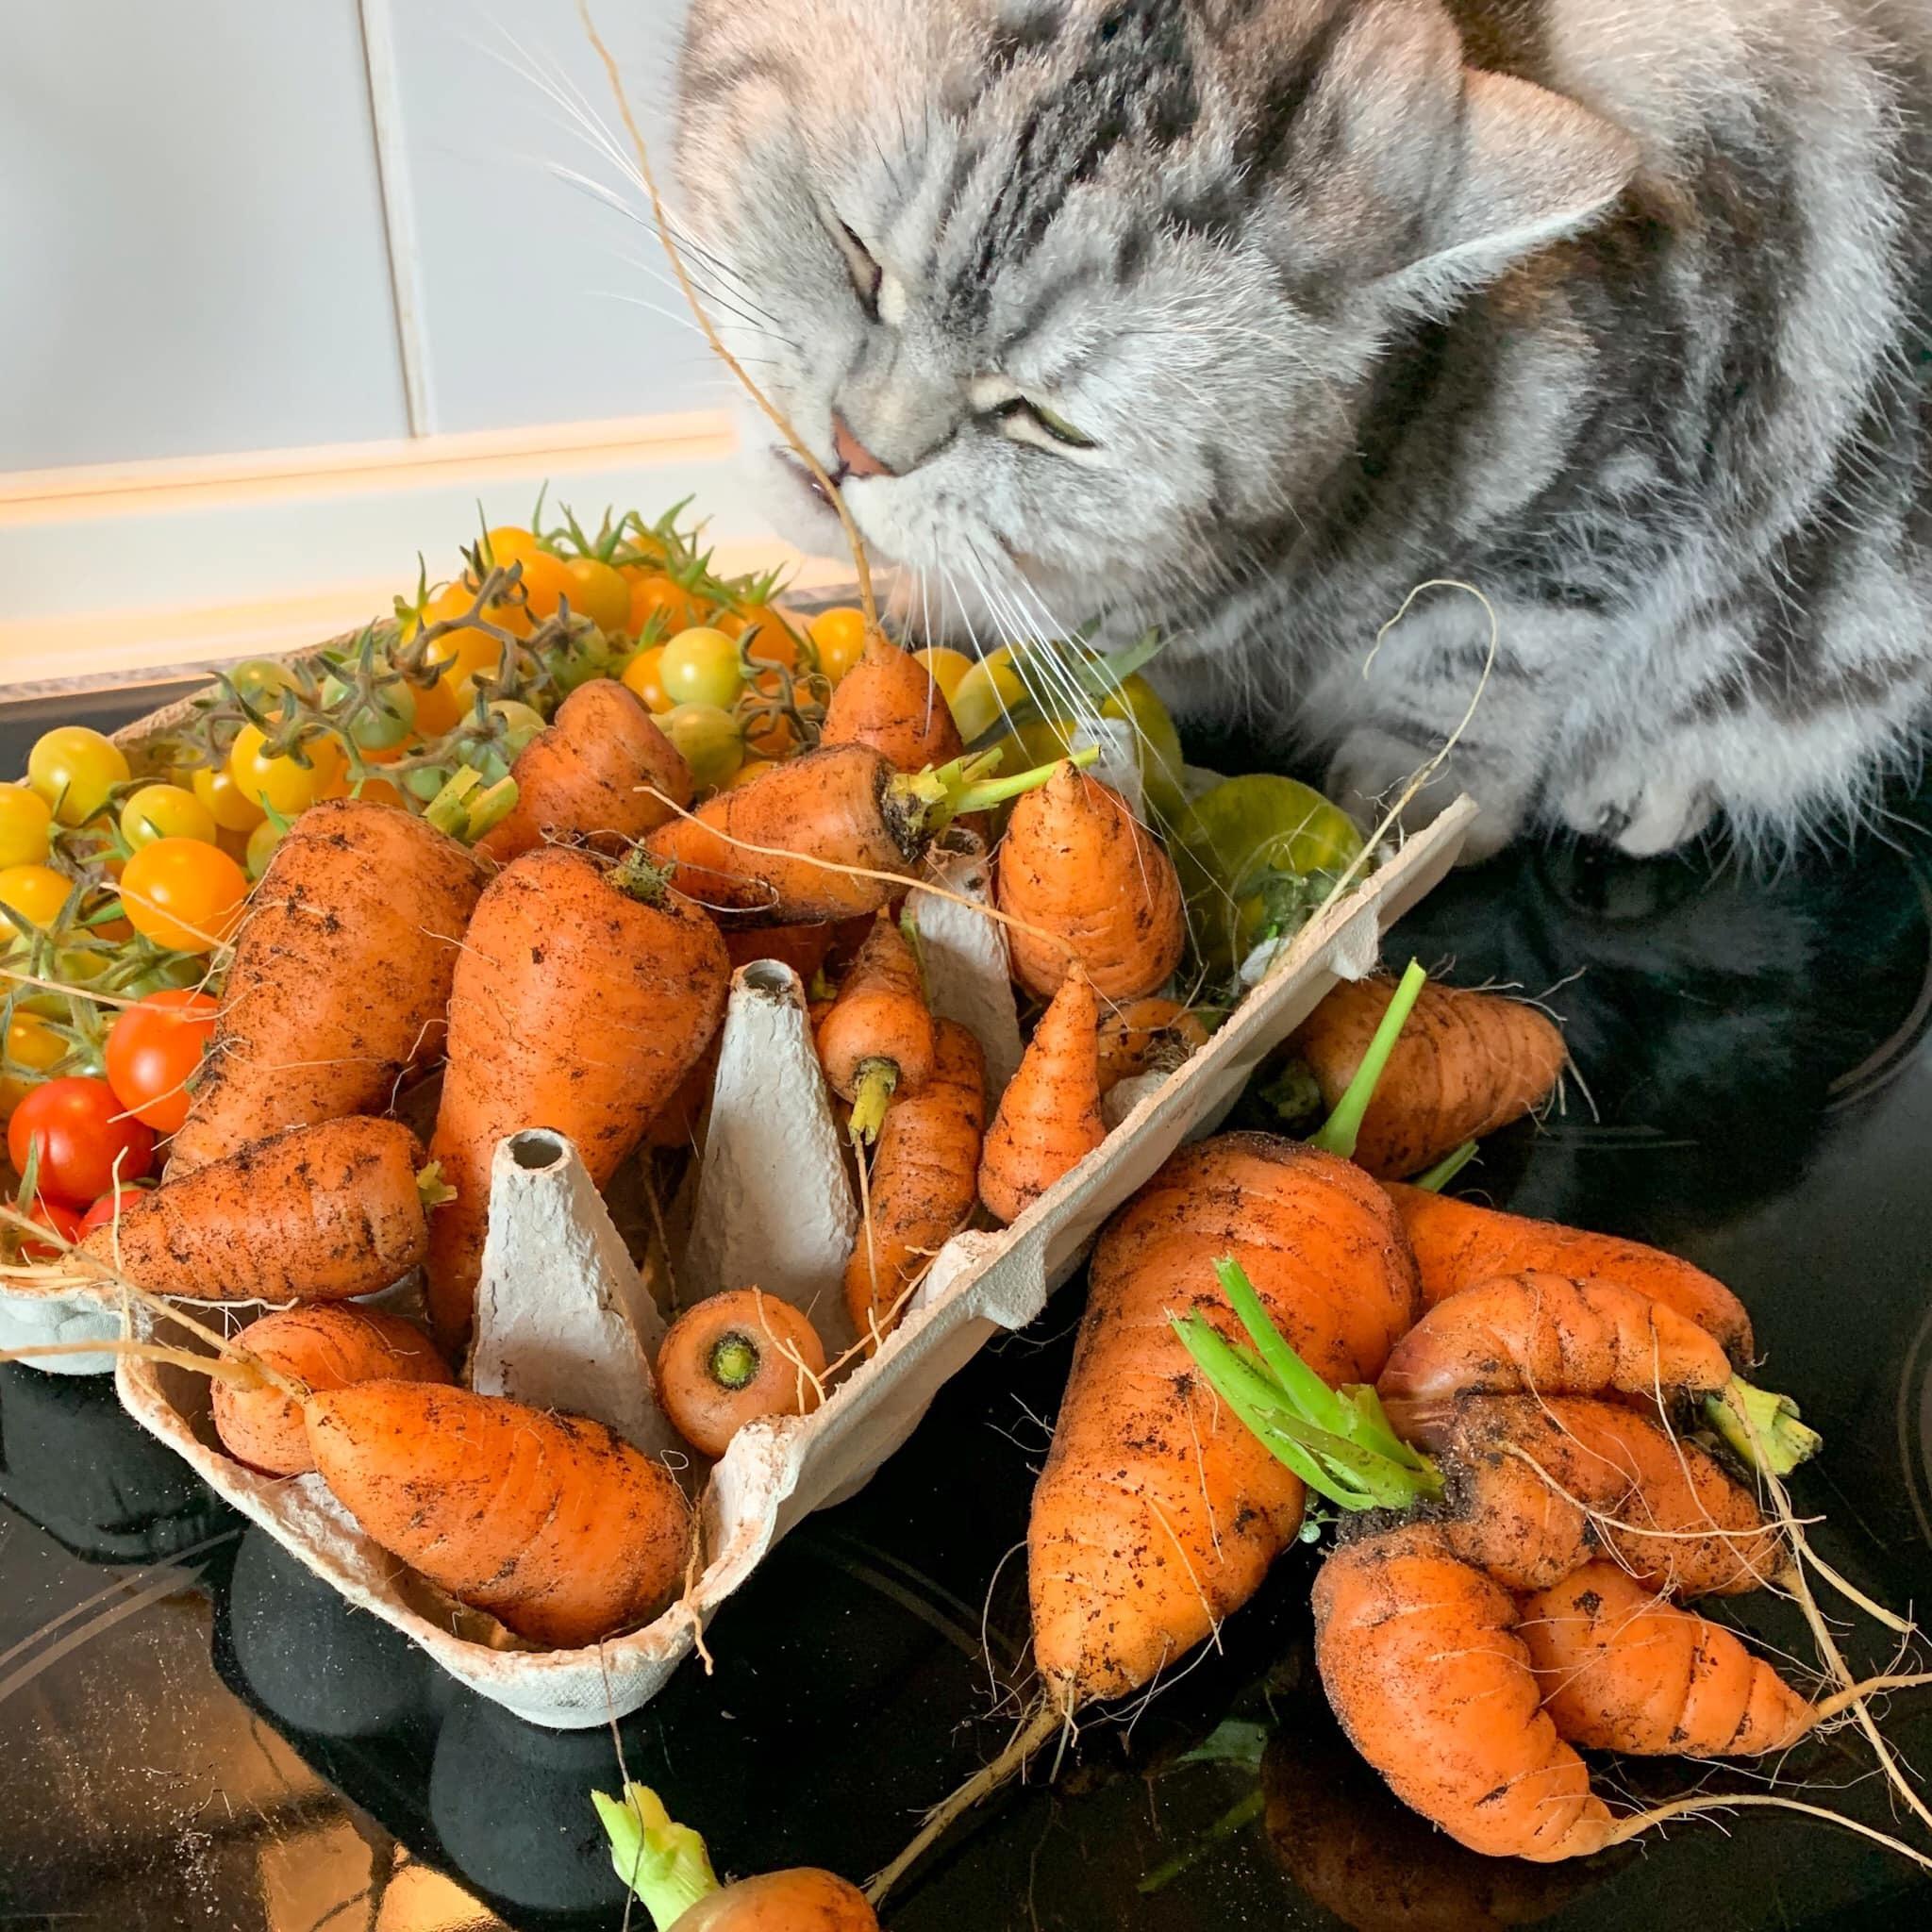 Khu vườn yên tĩnh trên ban công của cô gái yêu cây, yêu mèo